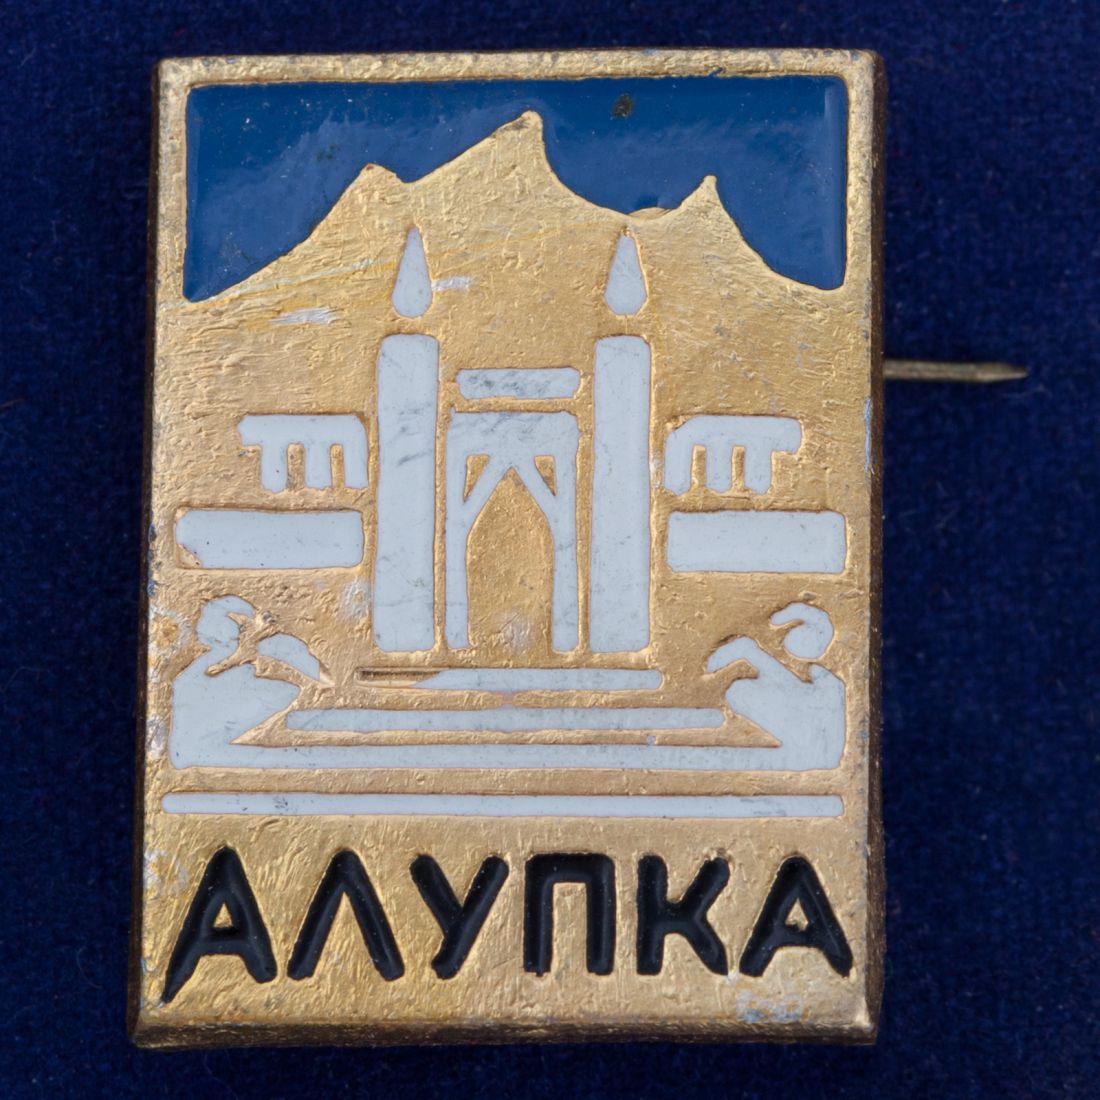 Купить значки СССР в магазине Военпро